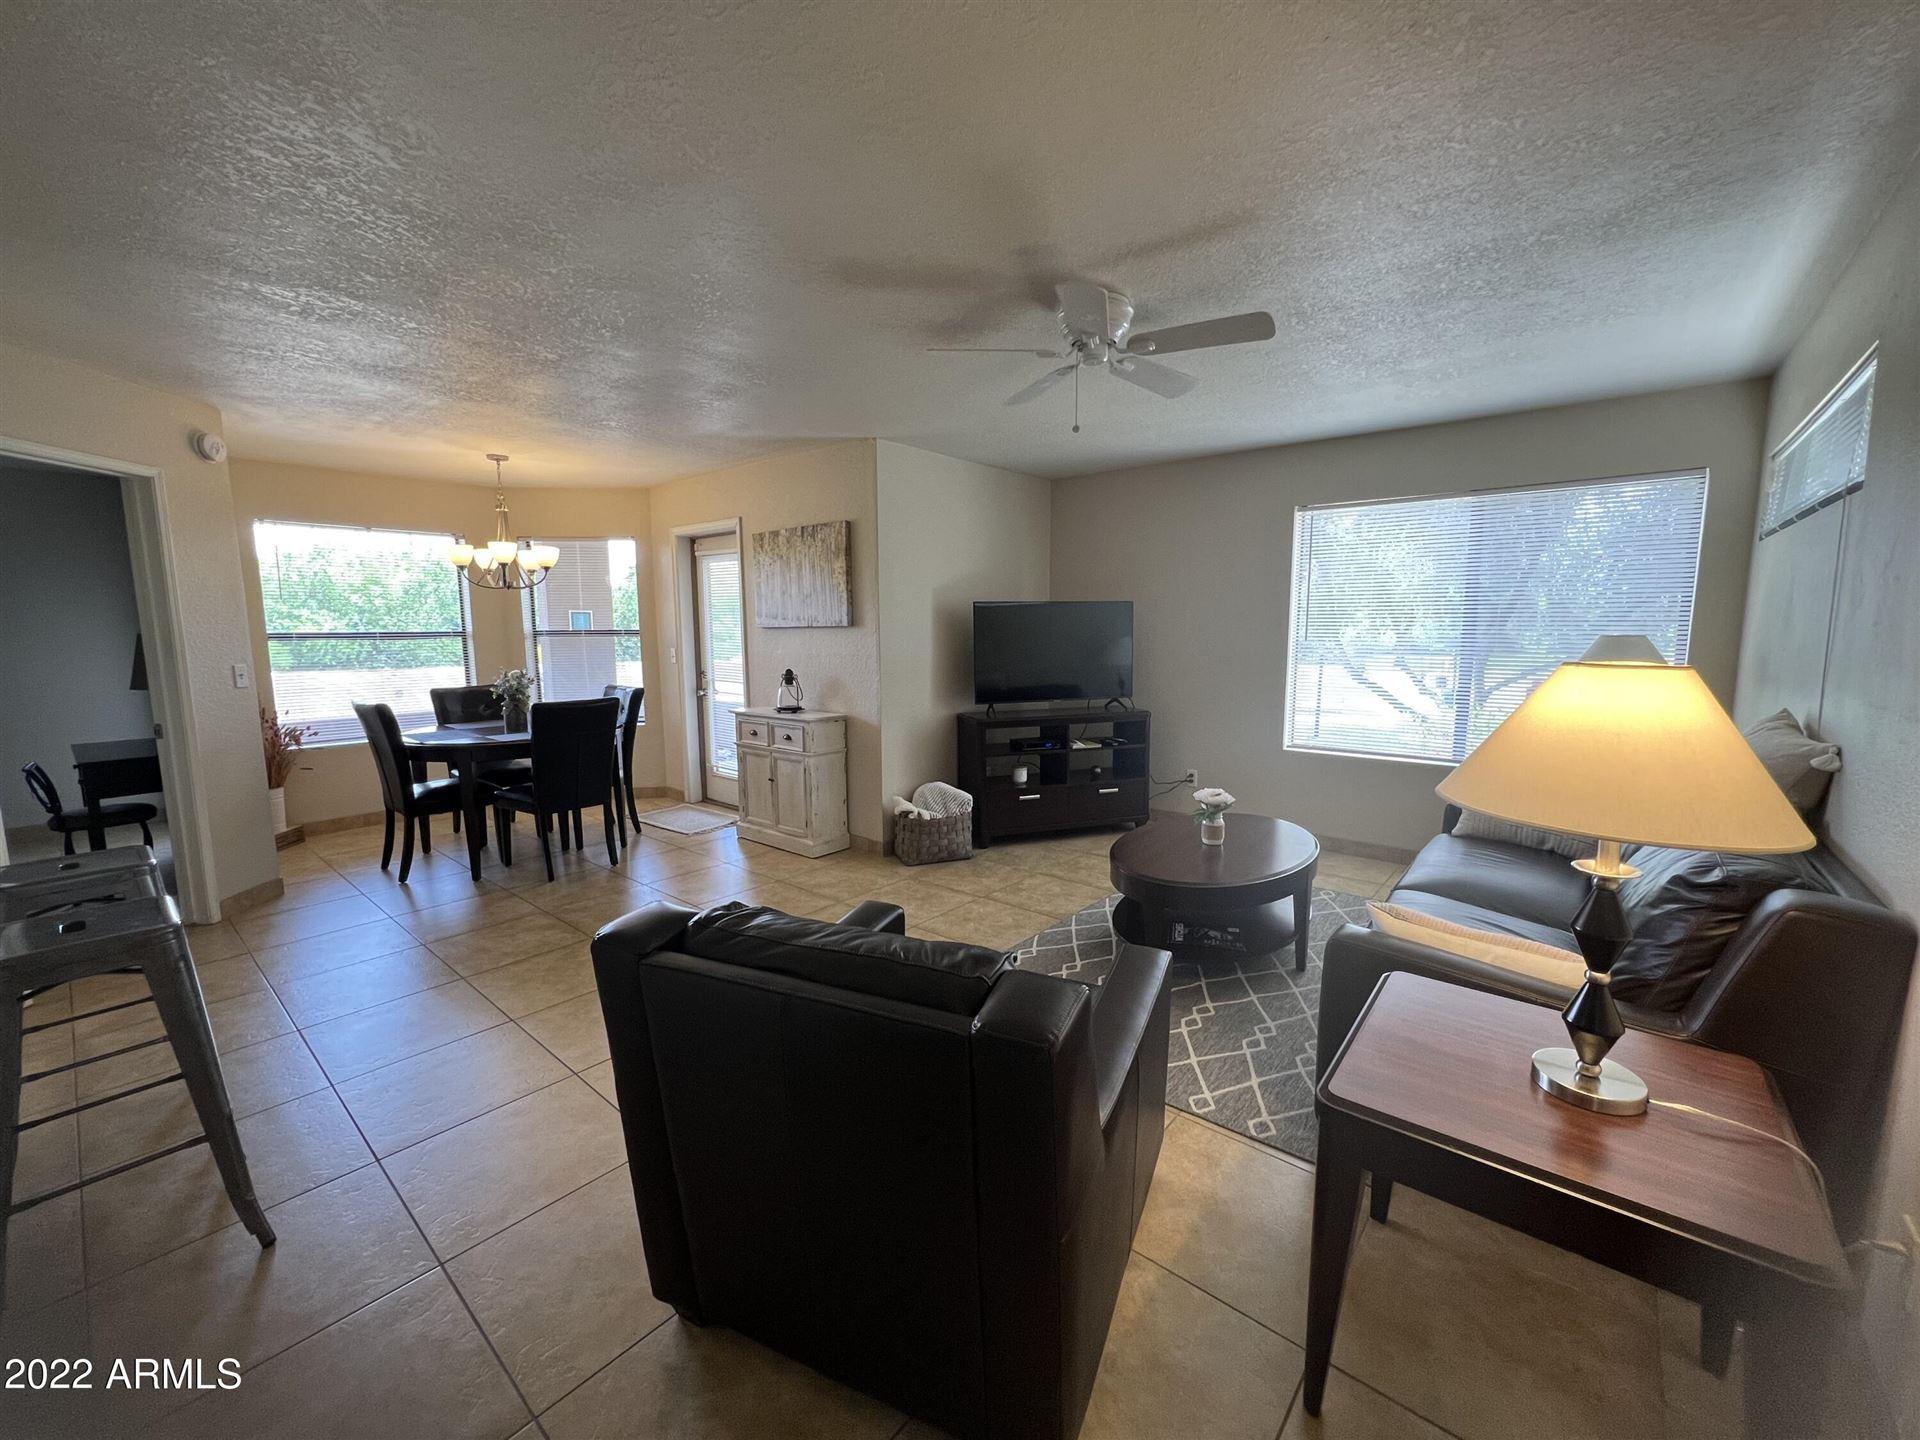 Photo of 4850 E DESERT COVE Avenue #116, Scottsdale, AZ 85254 (MLS # 6200808)